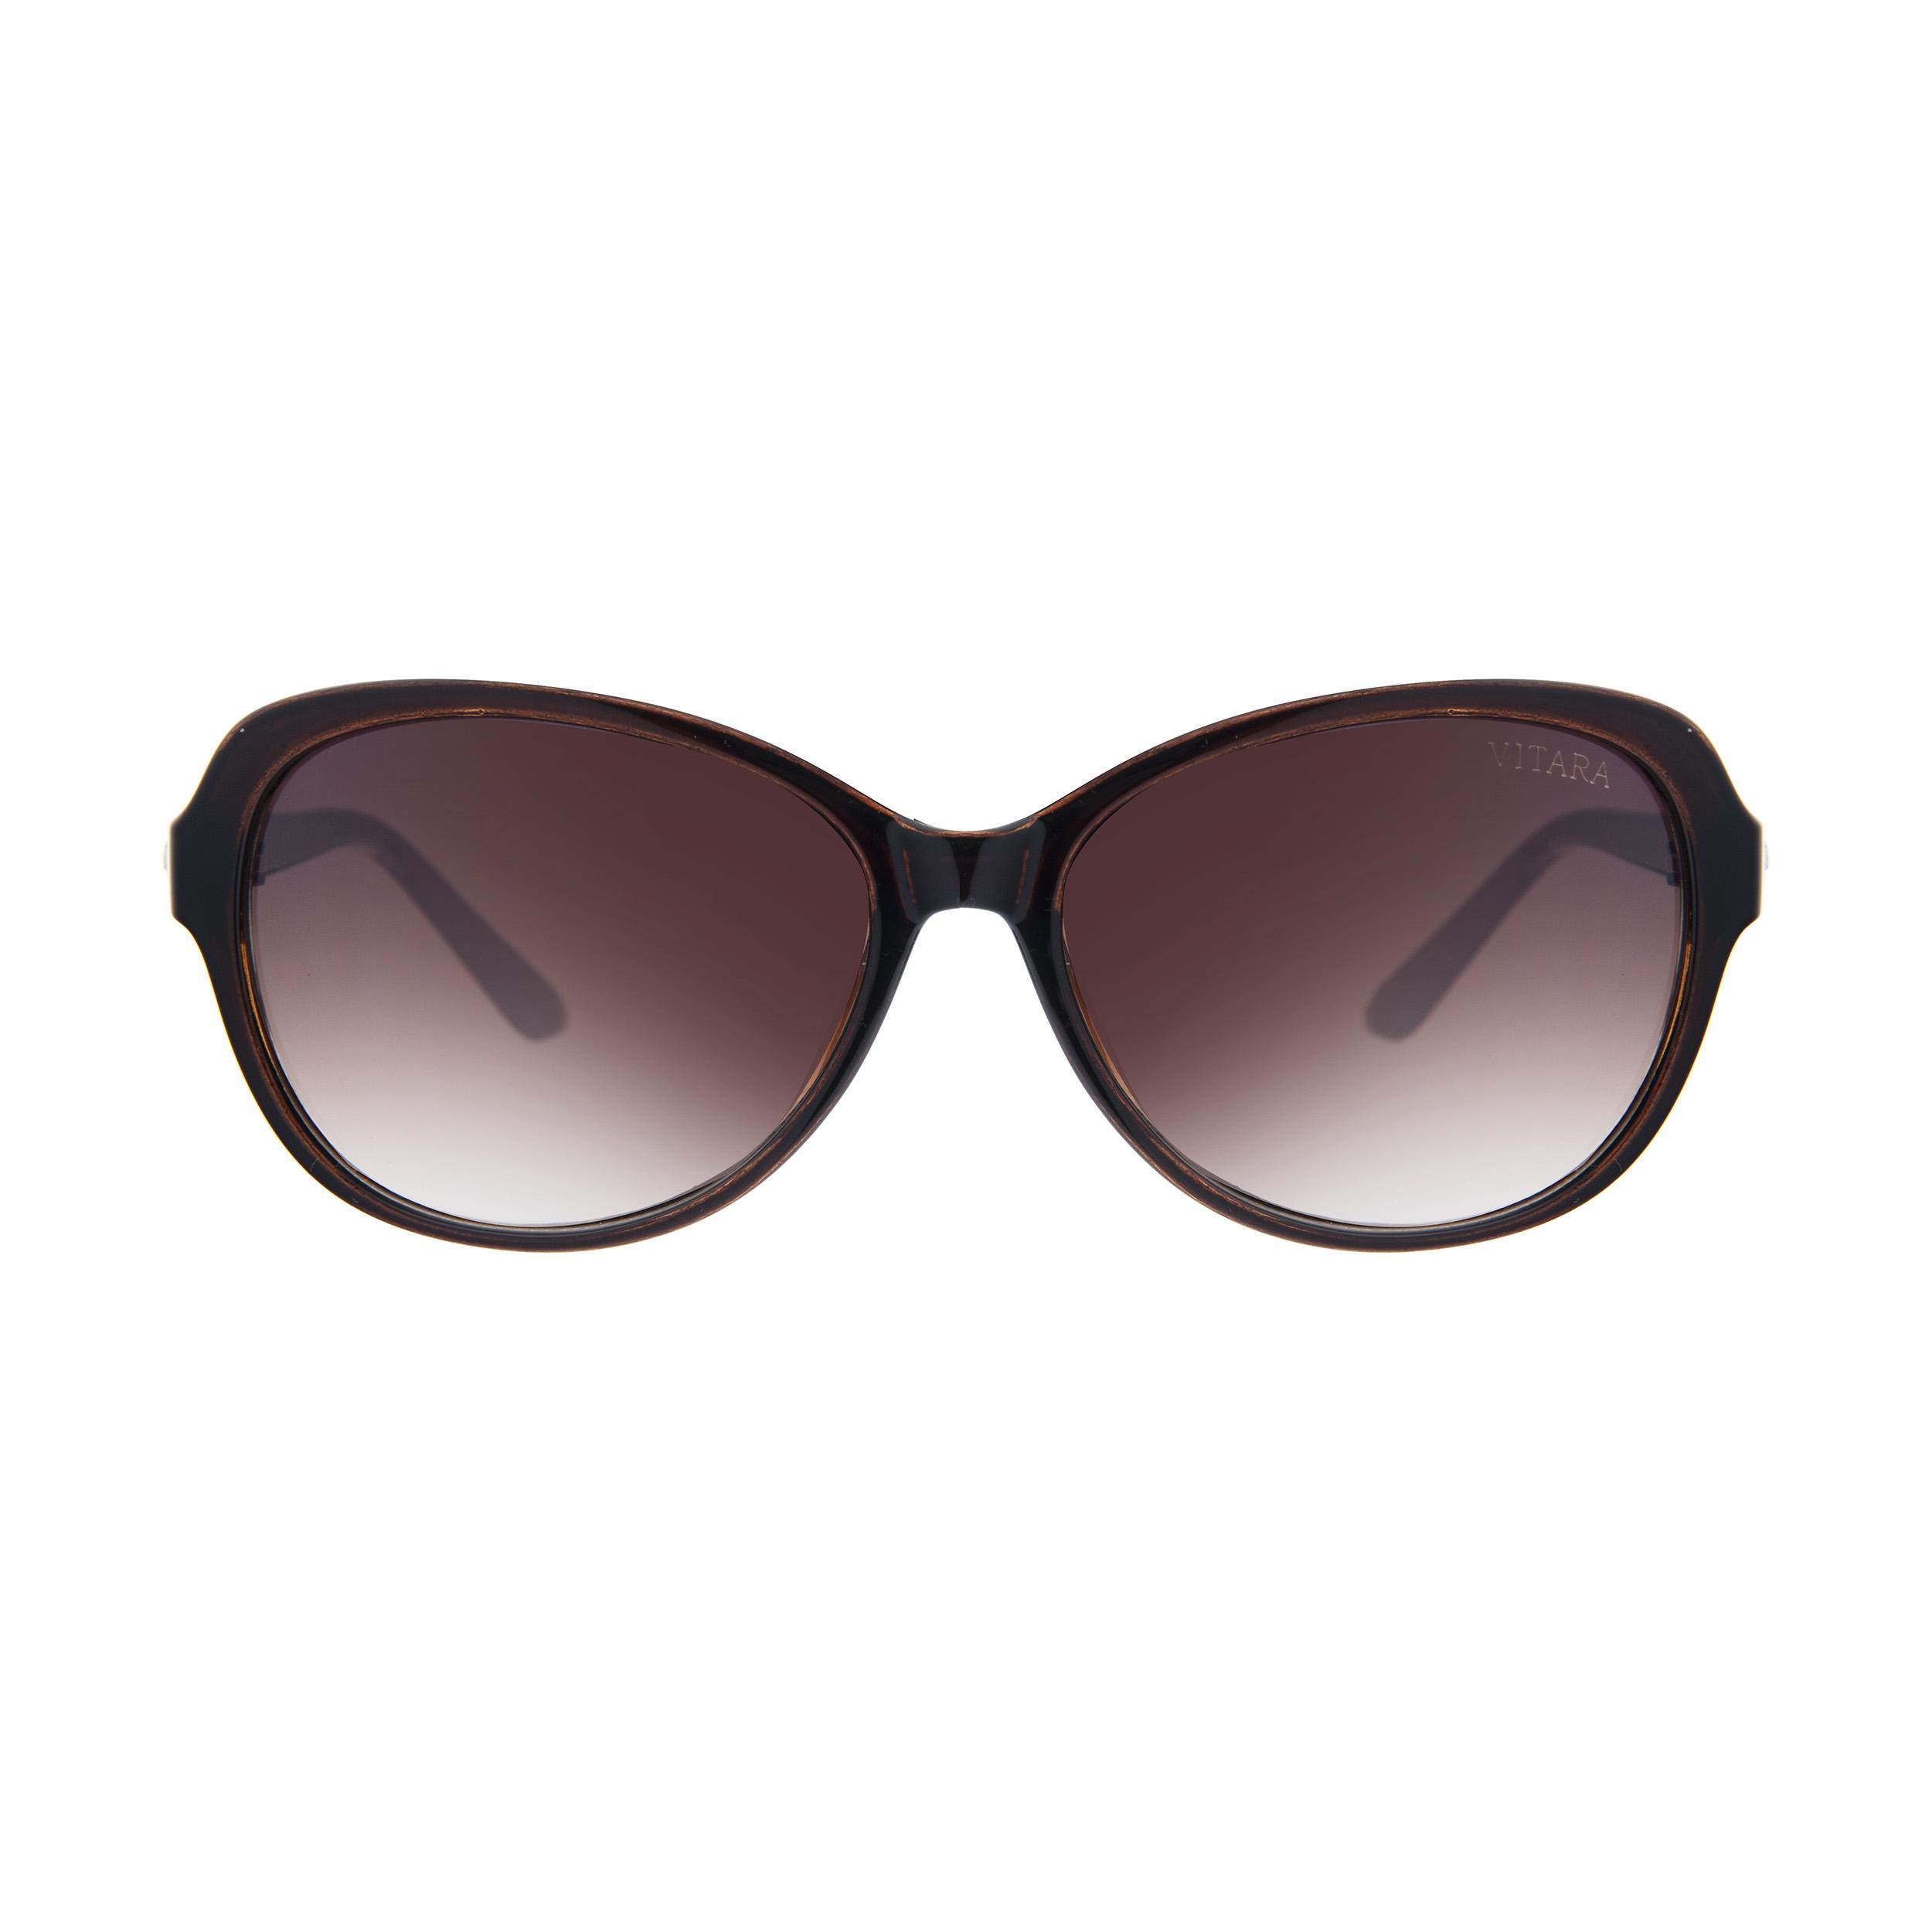 عینک آفتابی زنانه مدل Alunix B32